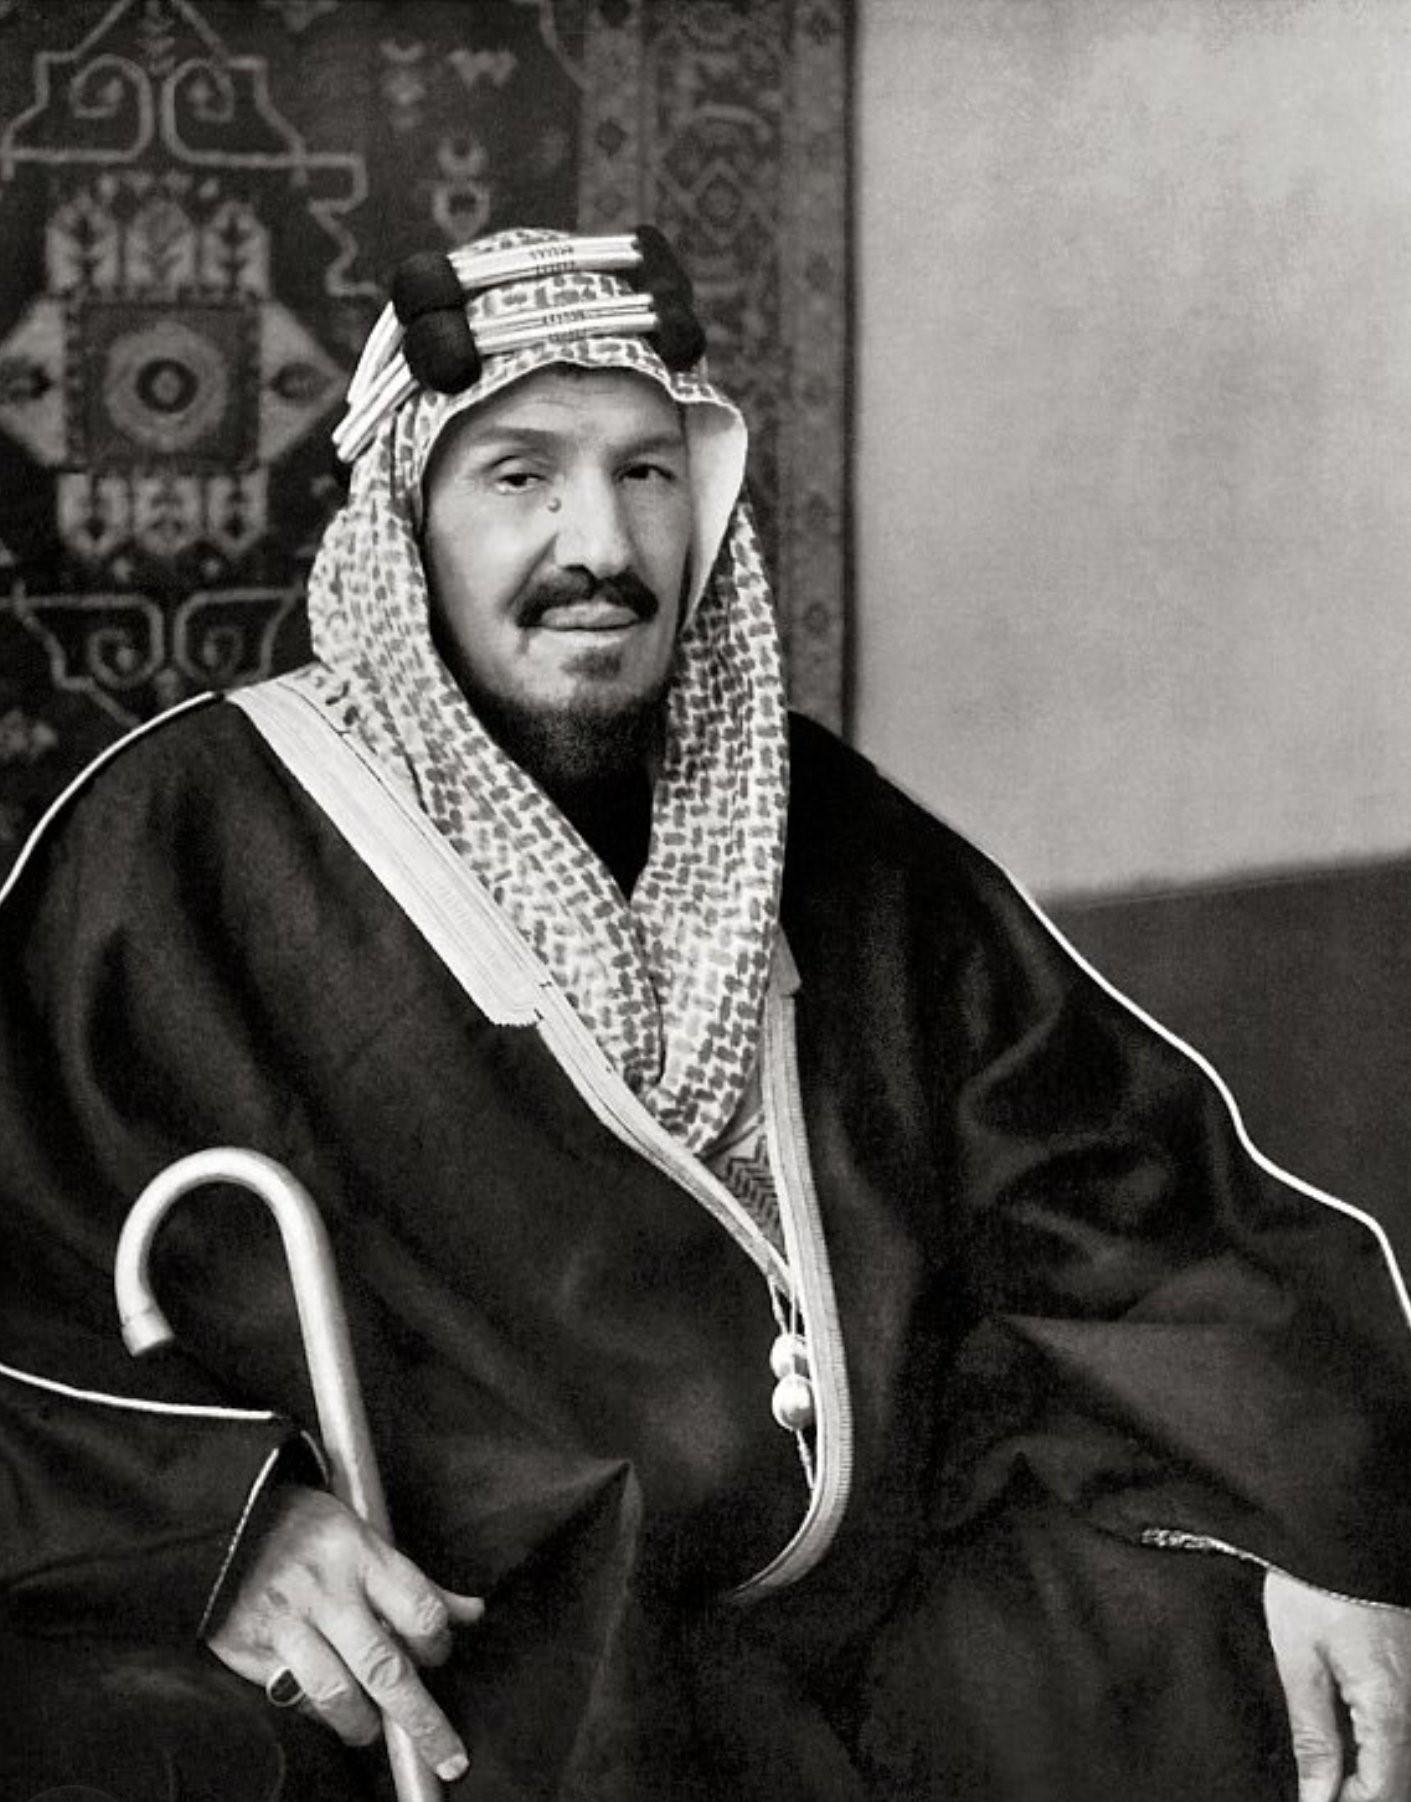 Er 95-år gammel 180 cm høj Abdul Aziz bin Saud i 2019